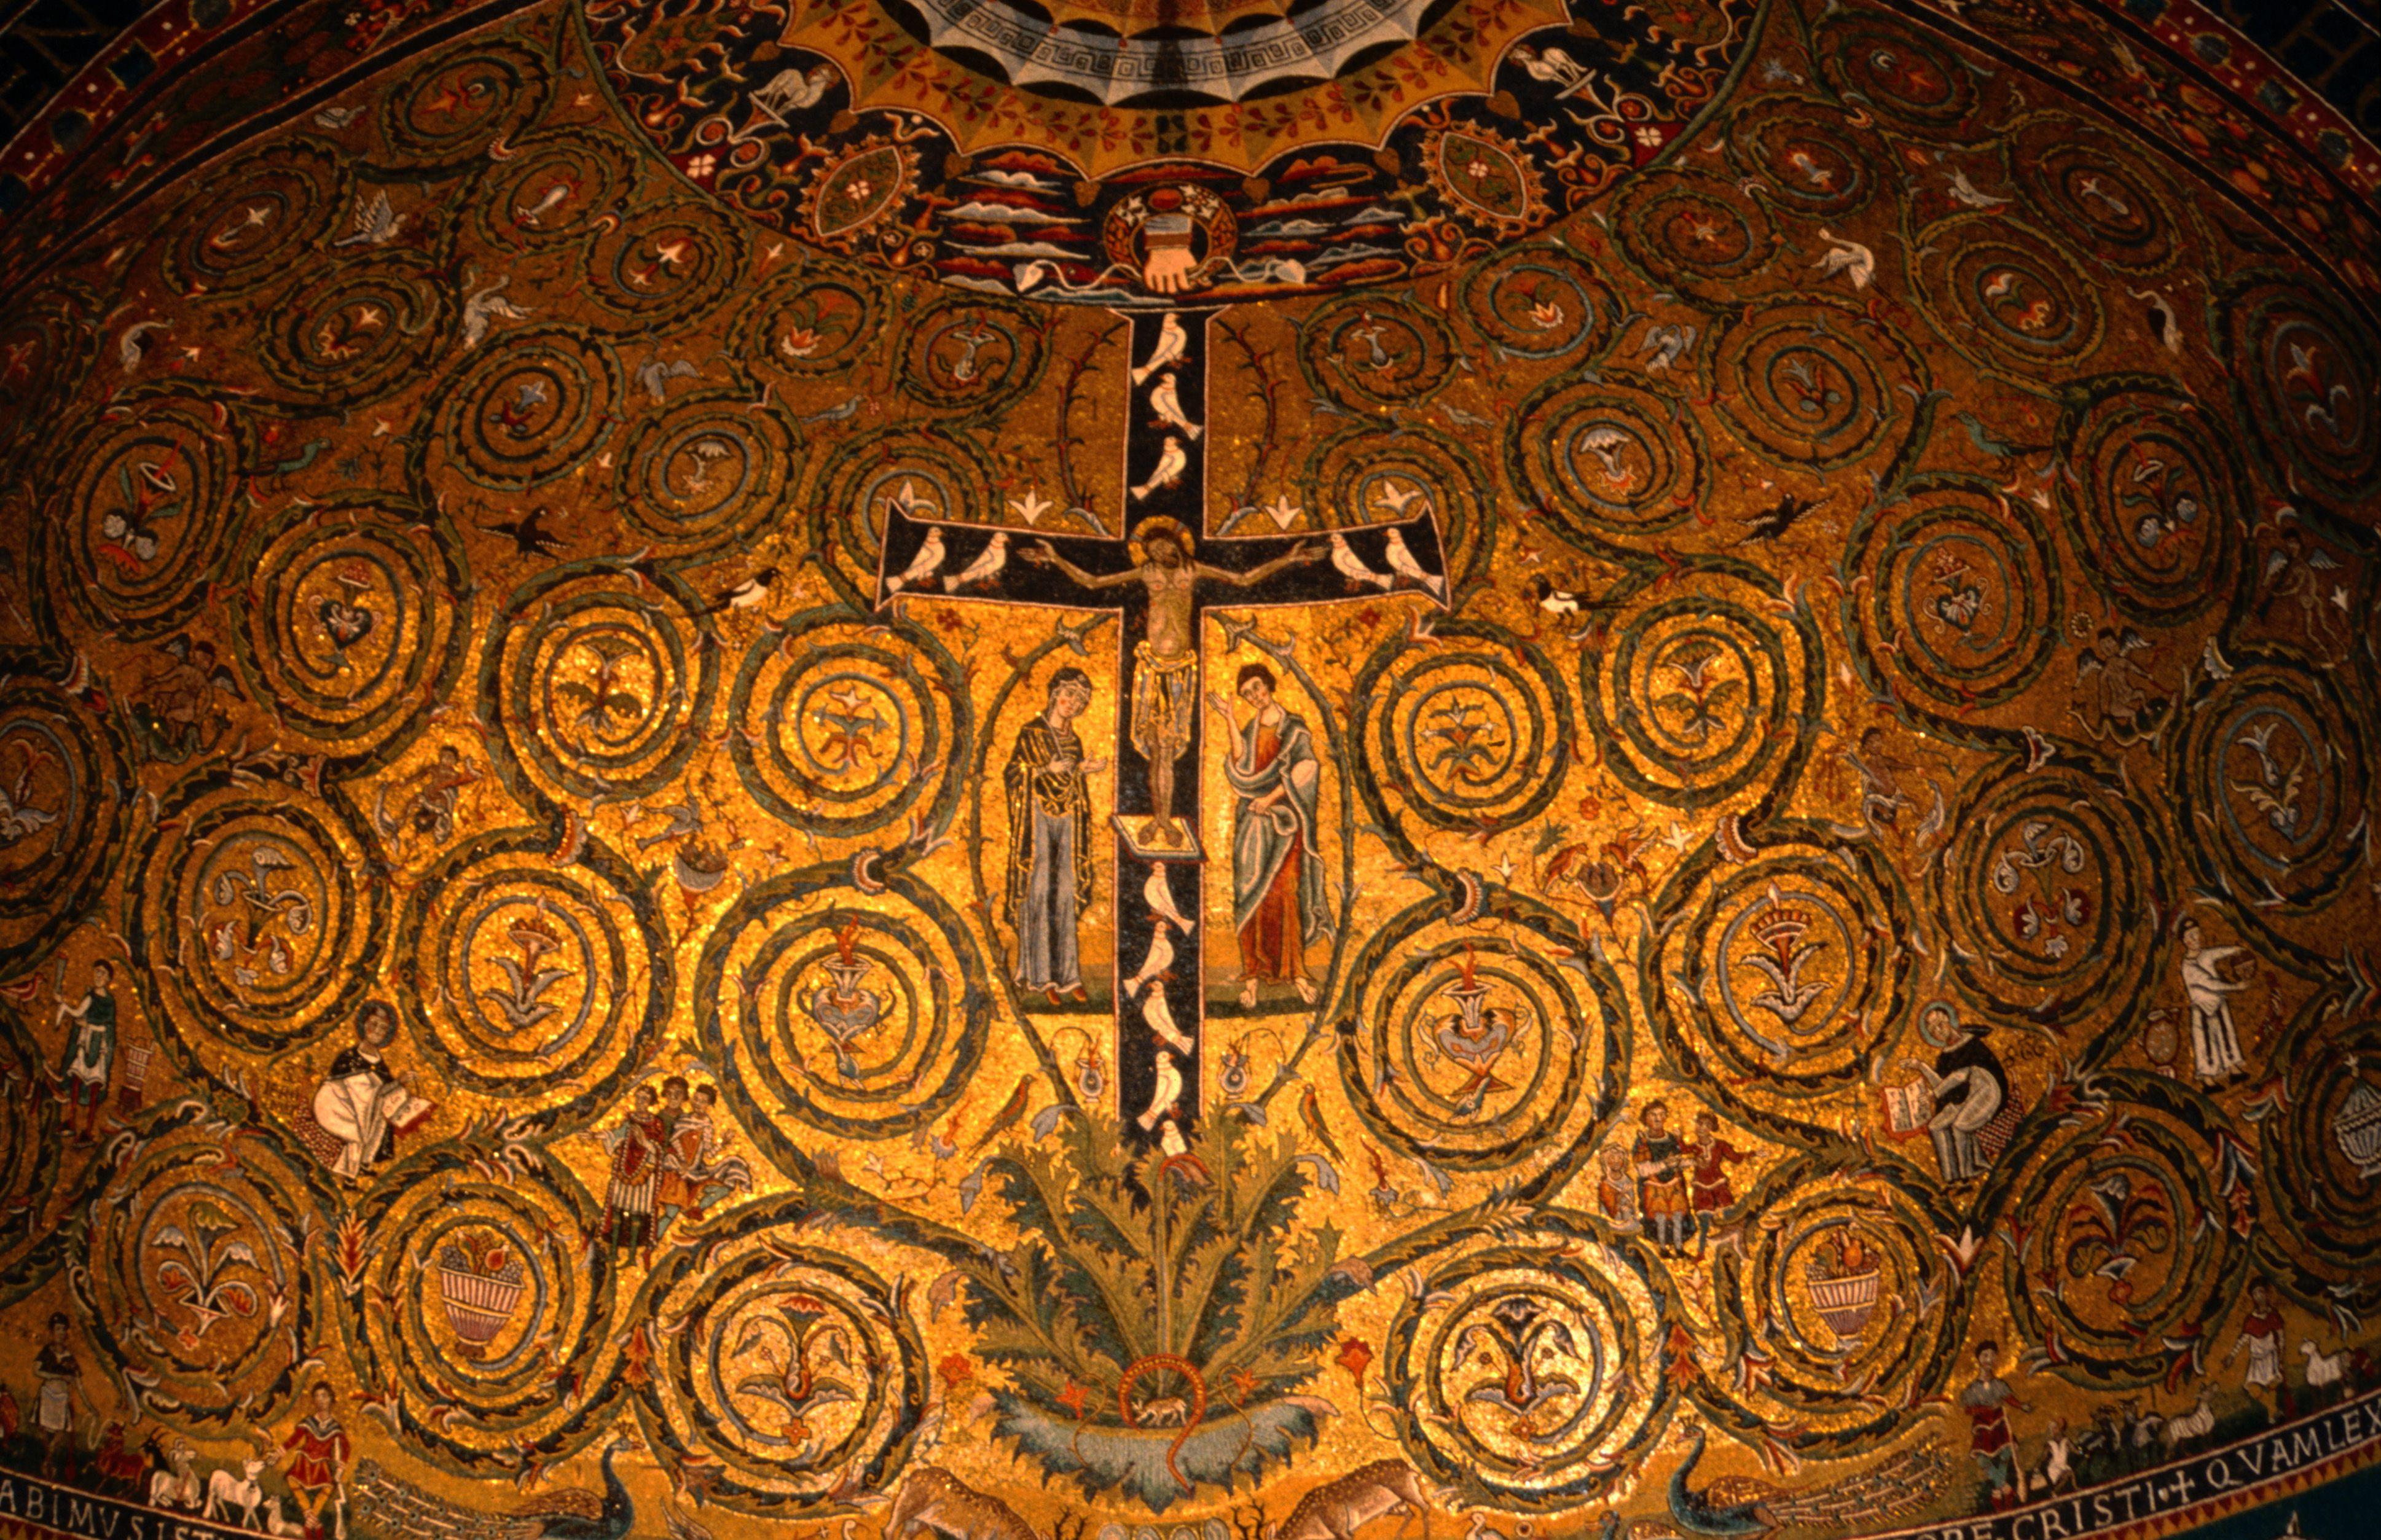 Detalle de mosaicos en el ábside del siglo XII en la Basílica de San Clemente